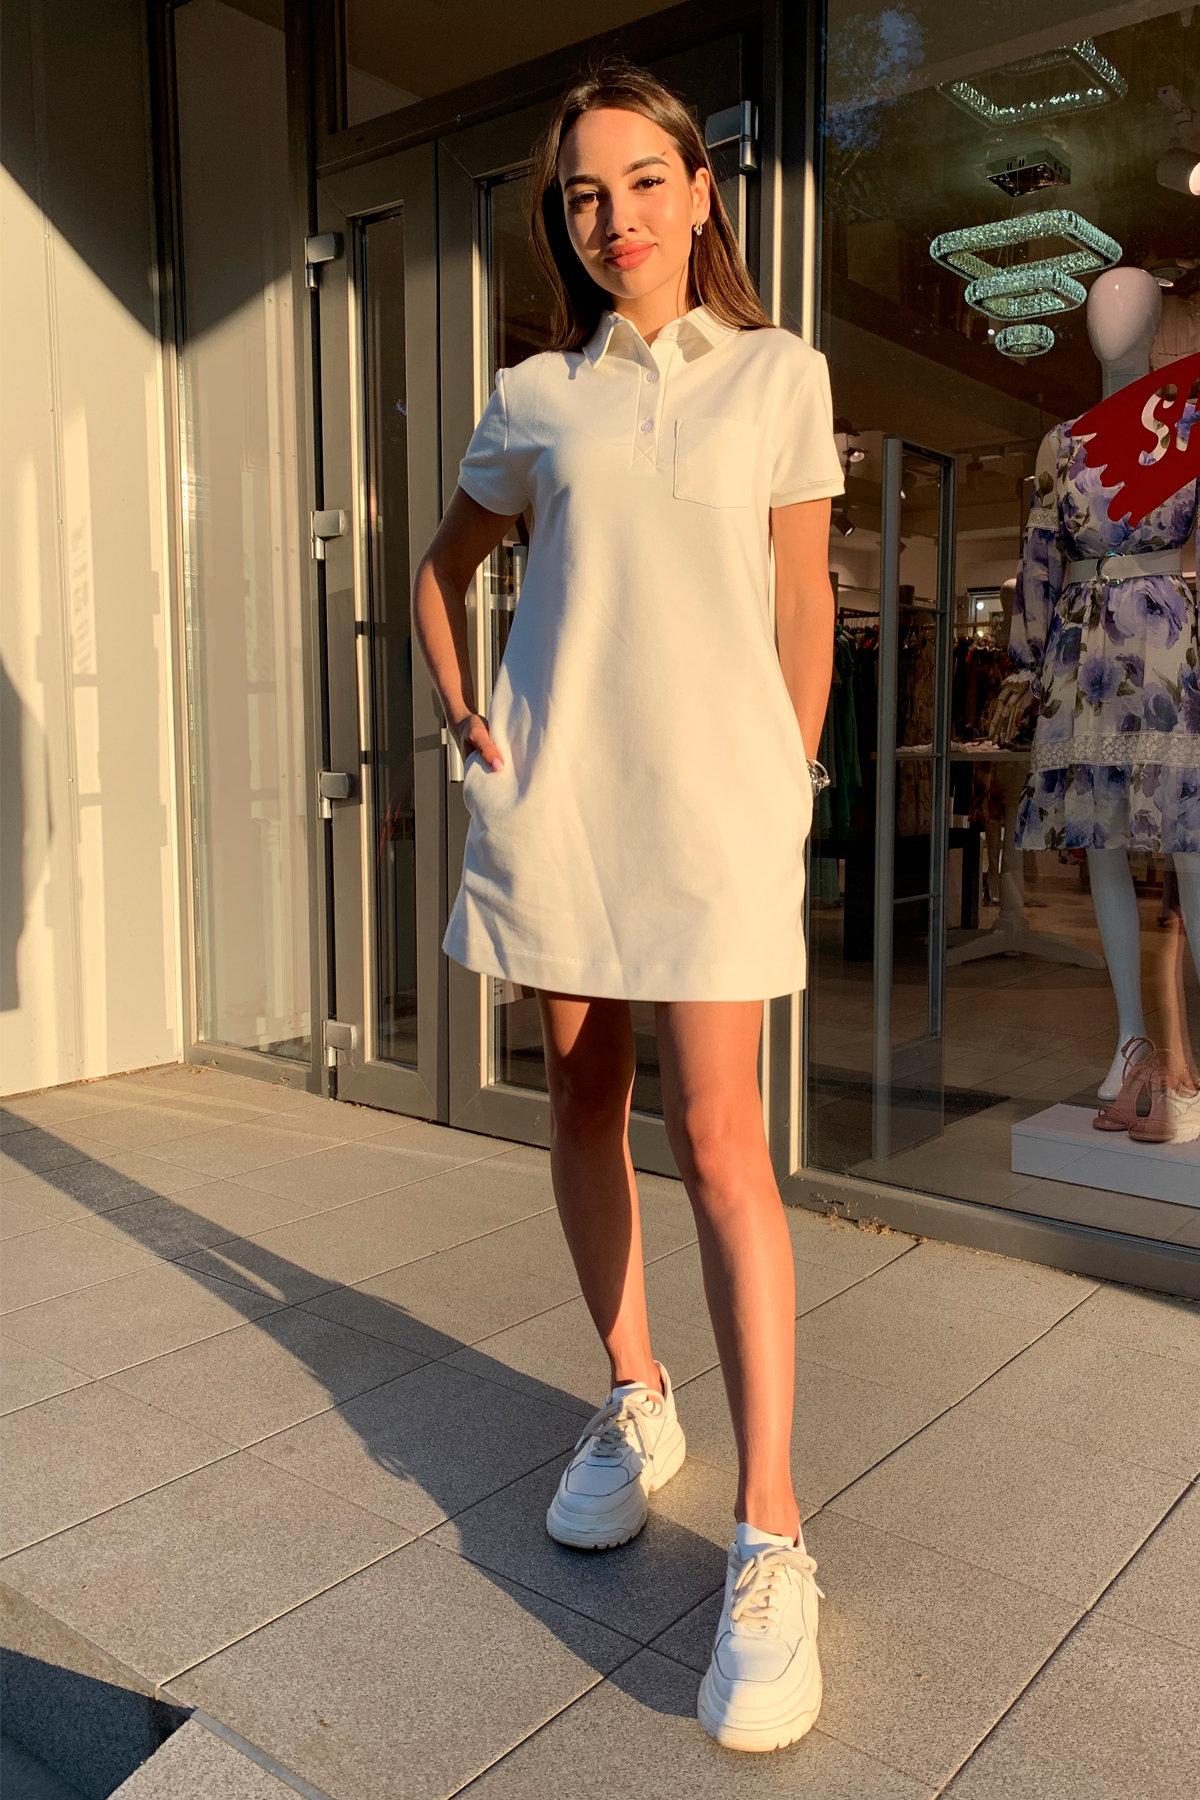 Платье Валео 9261 АРТ. 45686 Цвет: Молоко - фото 1, интернет магазин tm-modus.ru